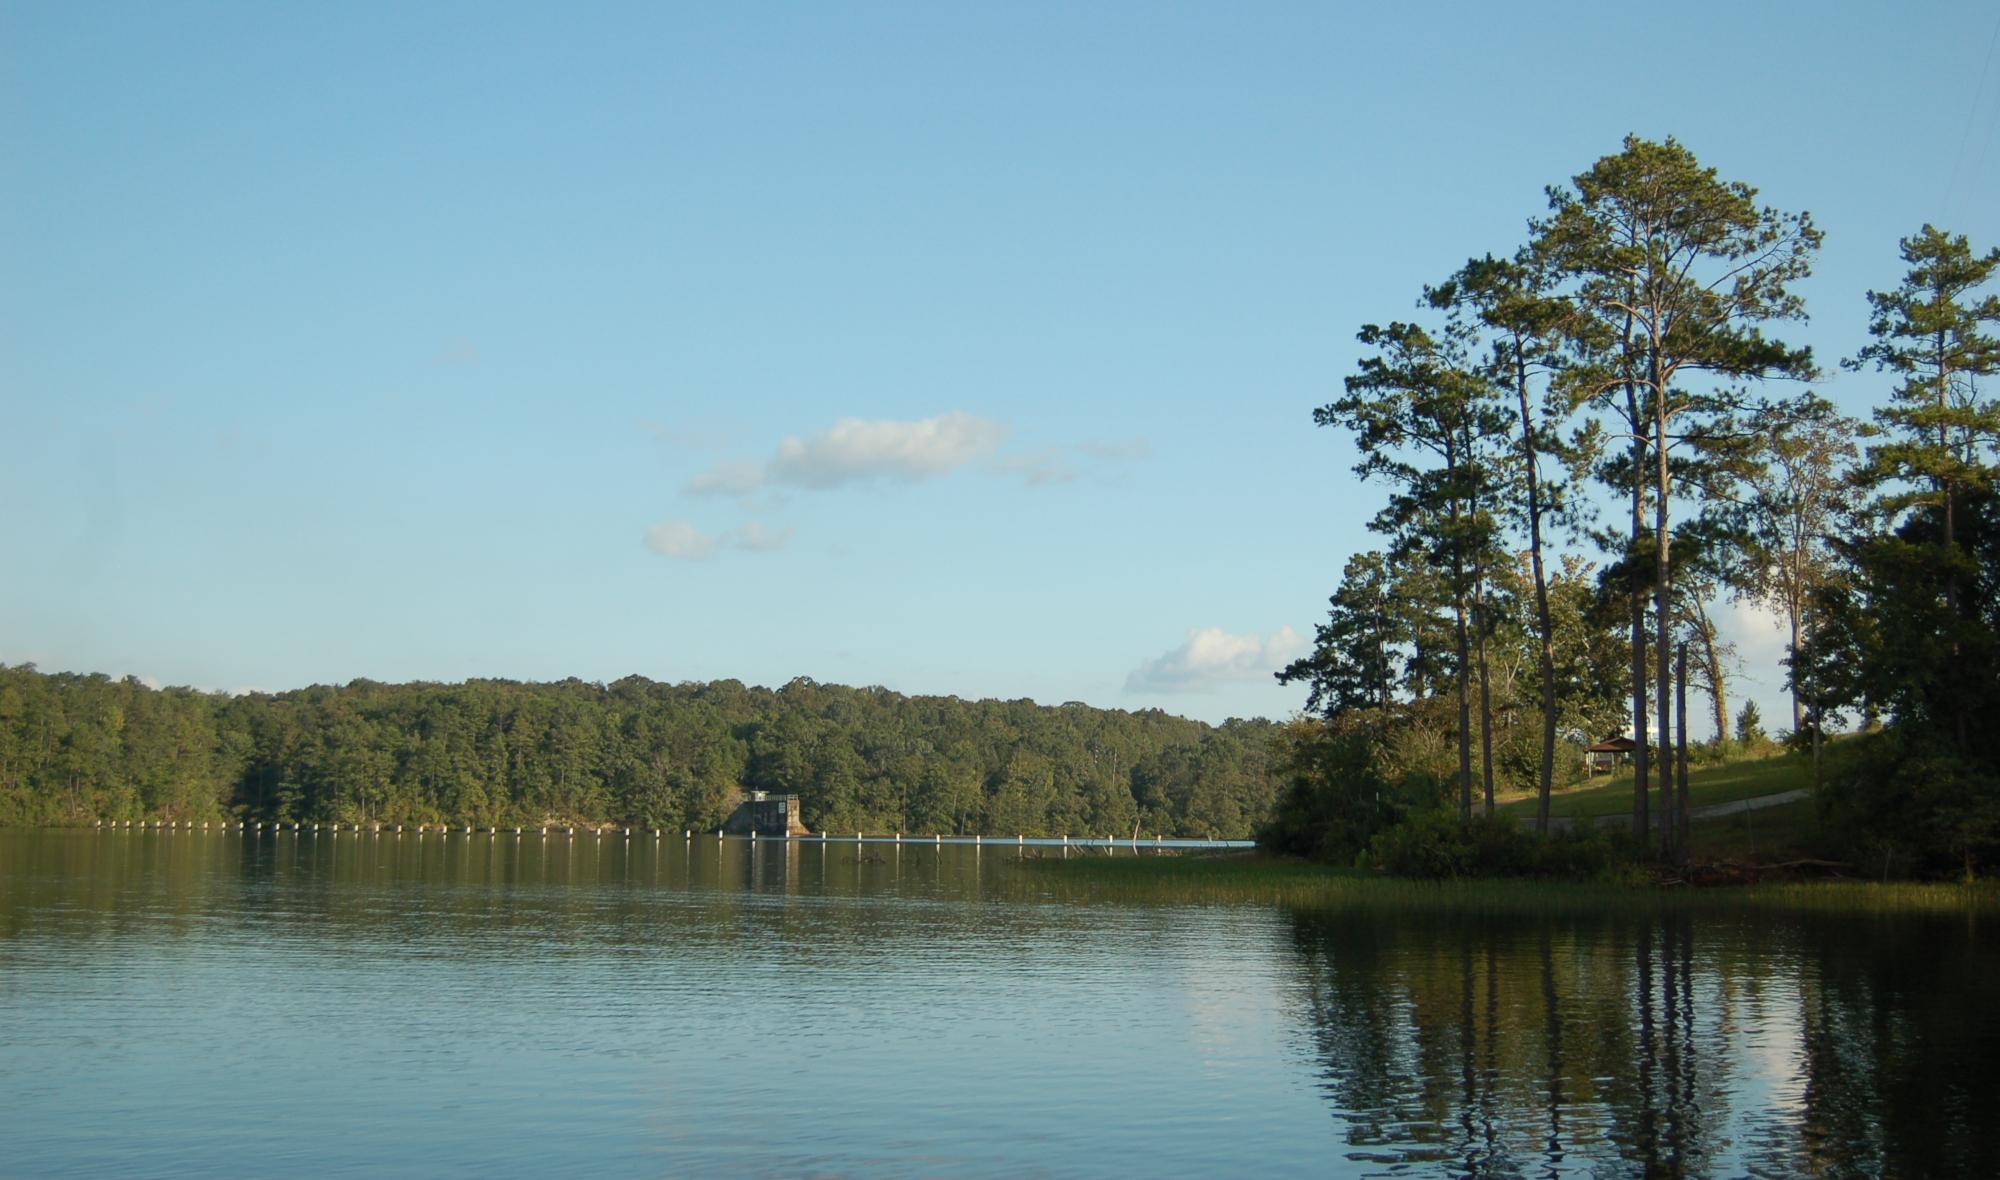 Yates Dam lake